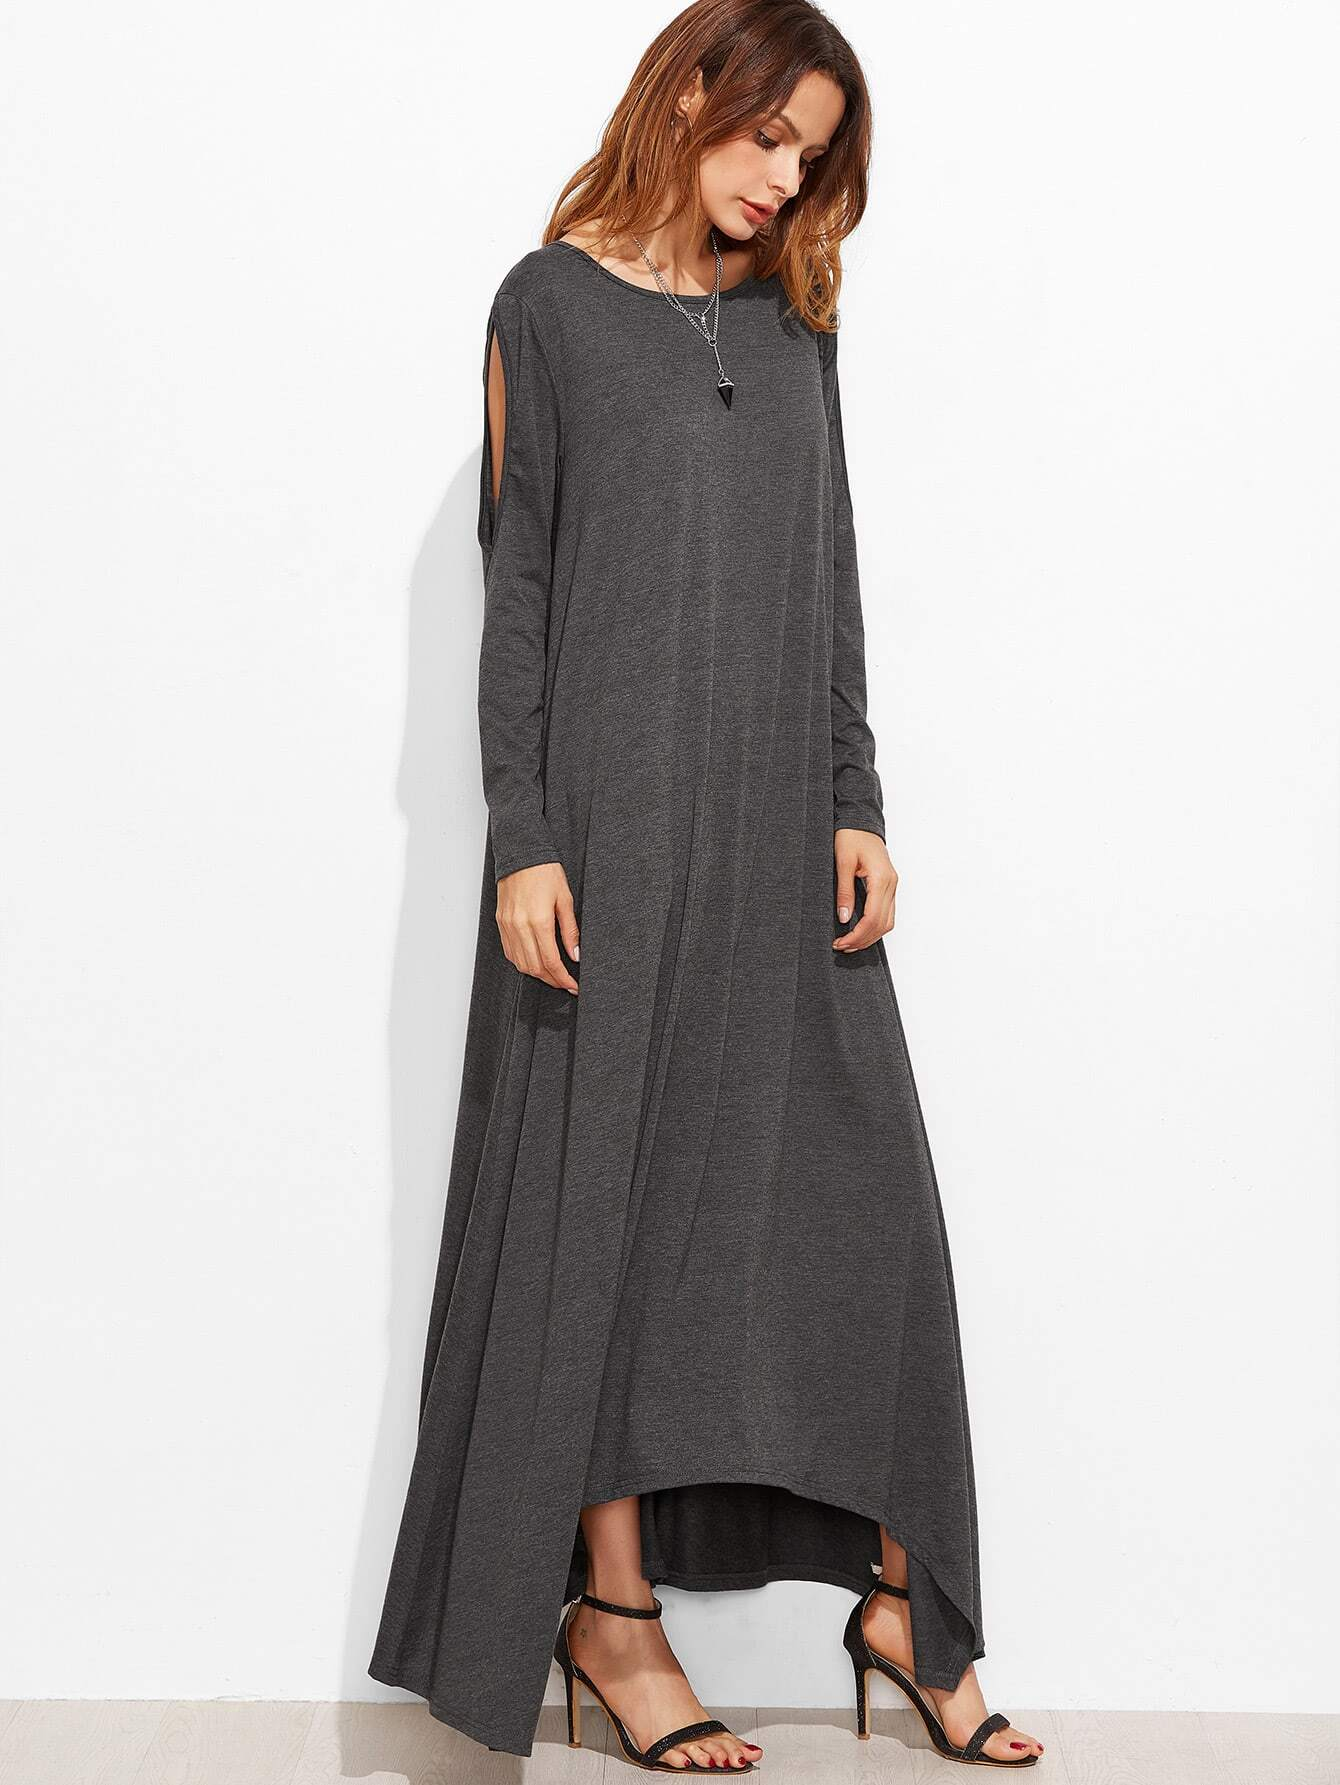 dress161202749_2